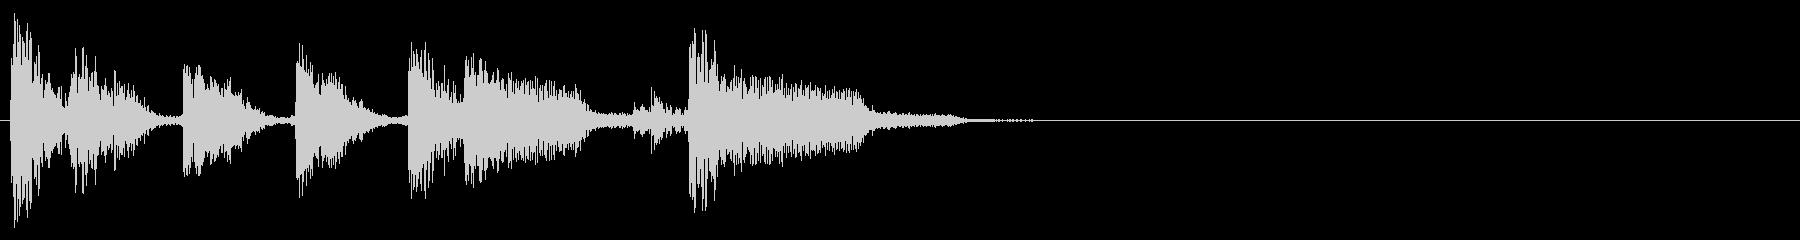 結果、順位発表などに!シンプルなジングルの未再生の波形